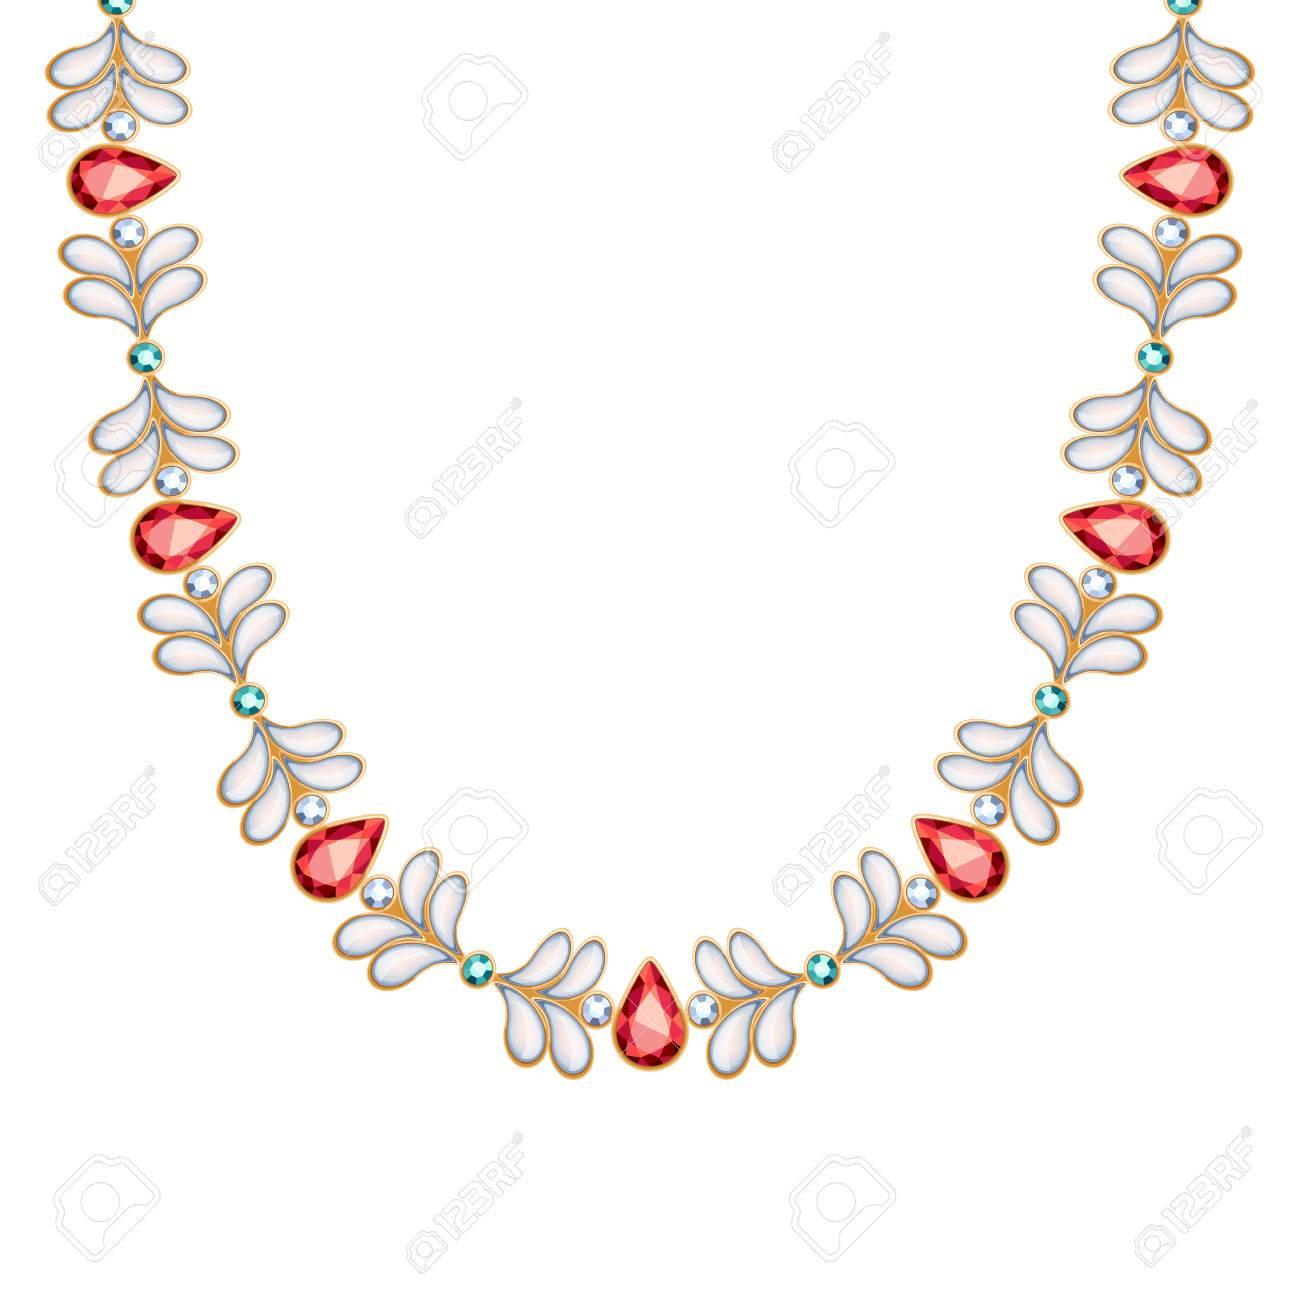 43030b59d75e2 Pierres précieuses et de perles collier de chaîne ou un bracelet d'or.  Personal